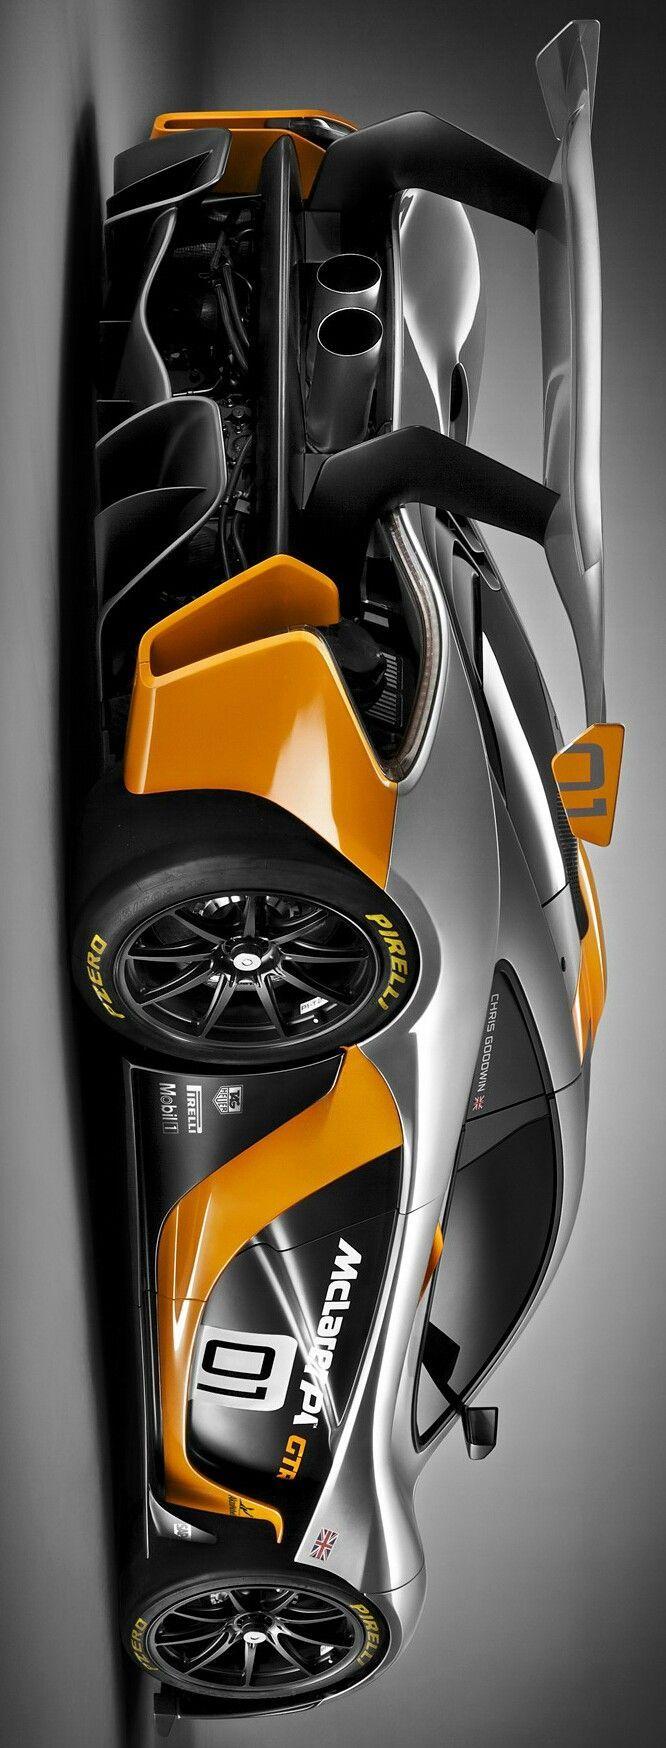 McLaren GTR P1 Concept by Levon - https://www.luxury.guugles.com/mclaren-gtr-p1-concept-by-levon-2/